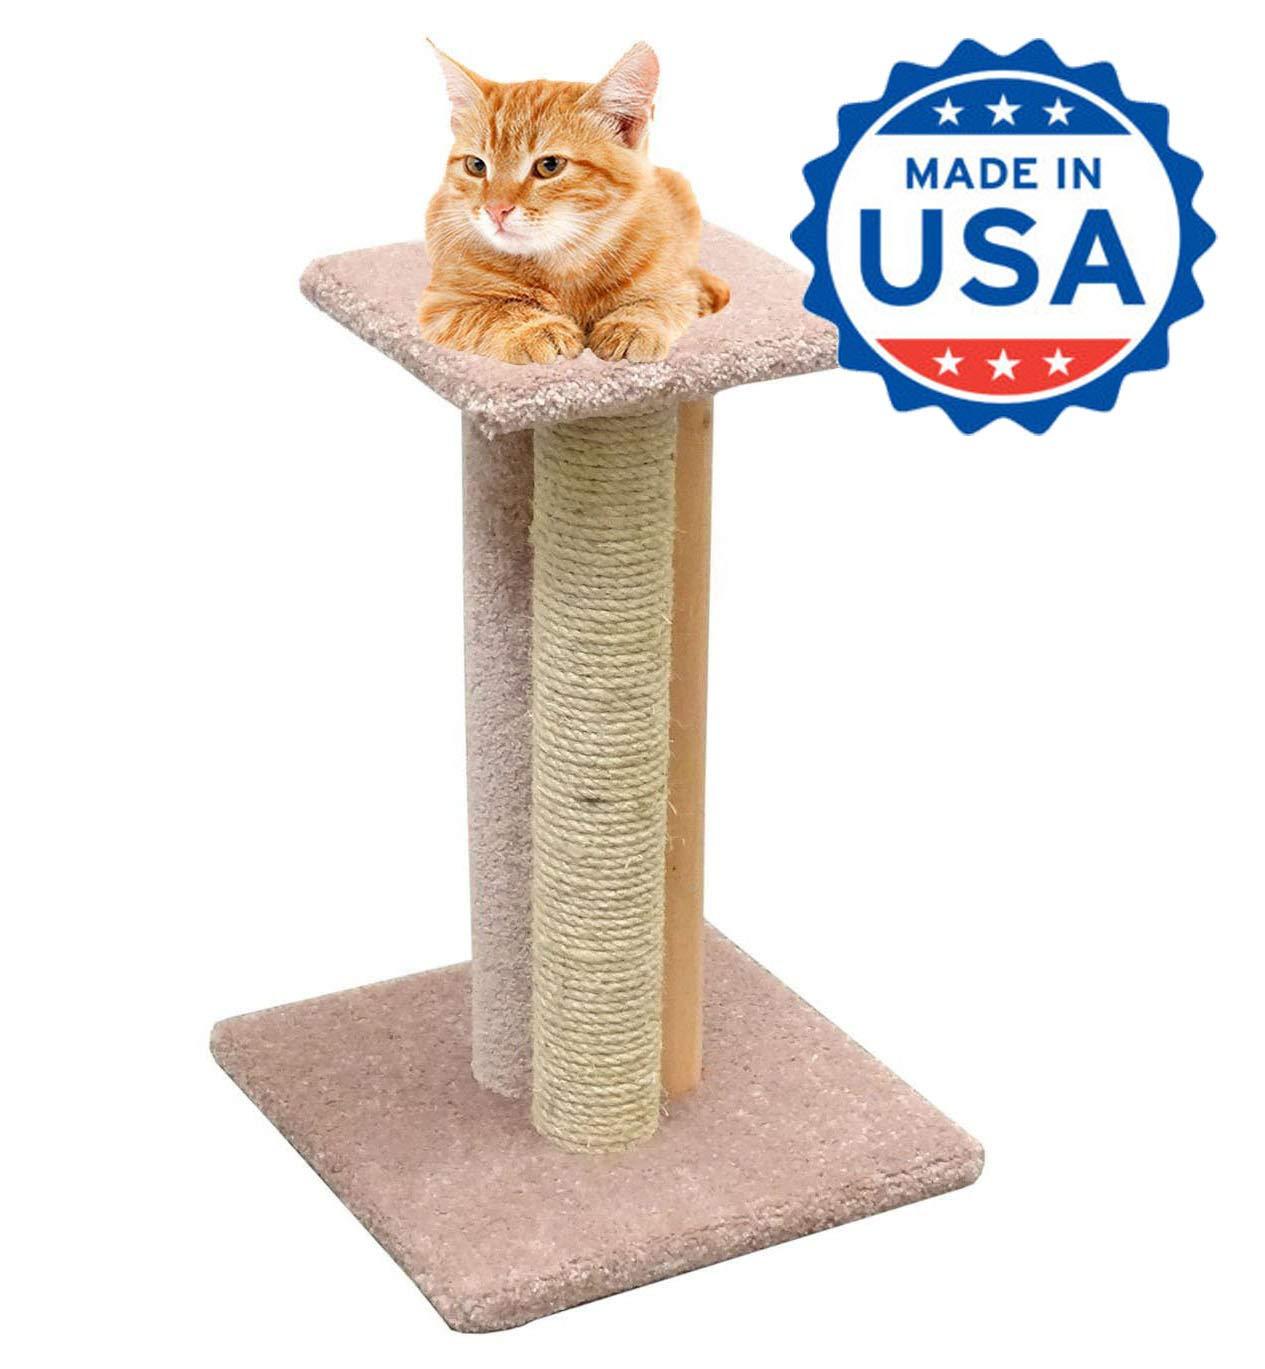 CozyCatFurniture 24 inches Wood Cat Scratching Post, Made in USA, Triple Cat Scratcher Perch, Beige Carpet by CozyCatFurniture (Image #1)